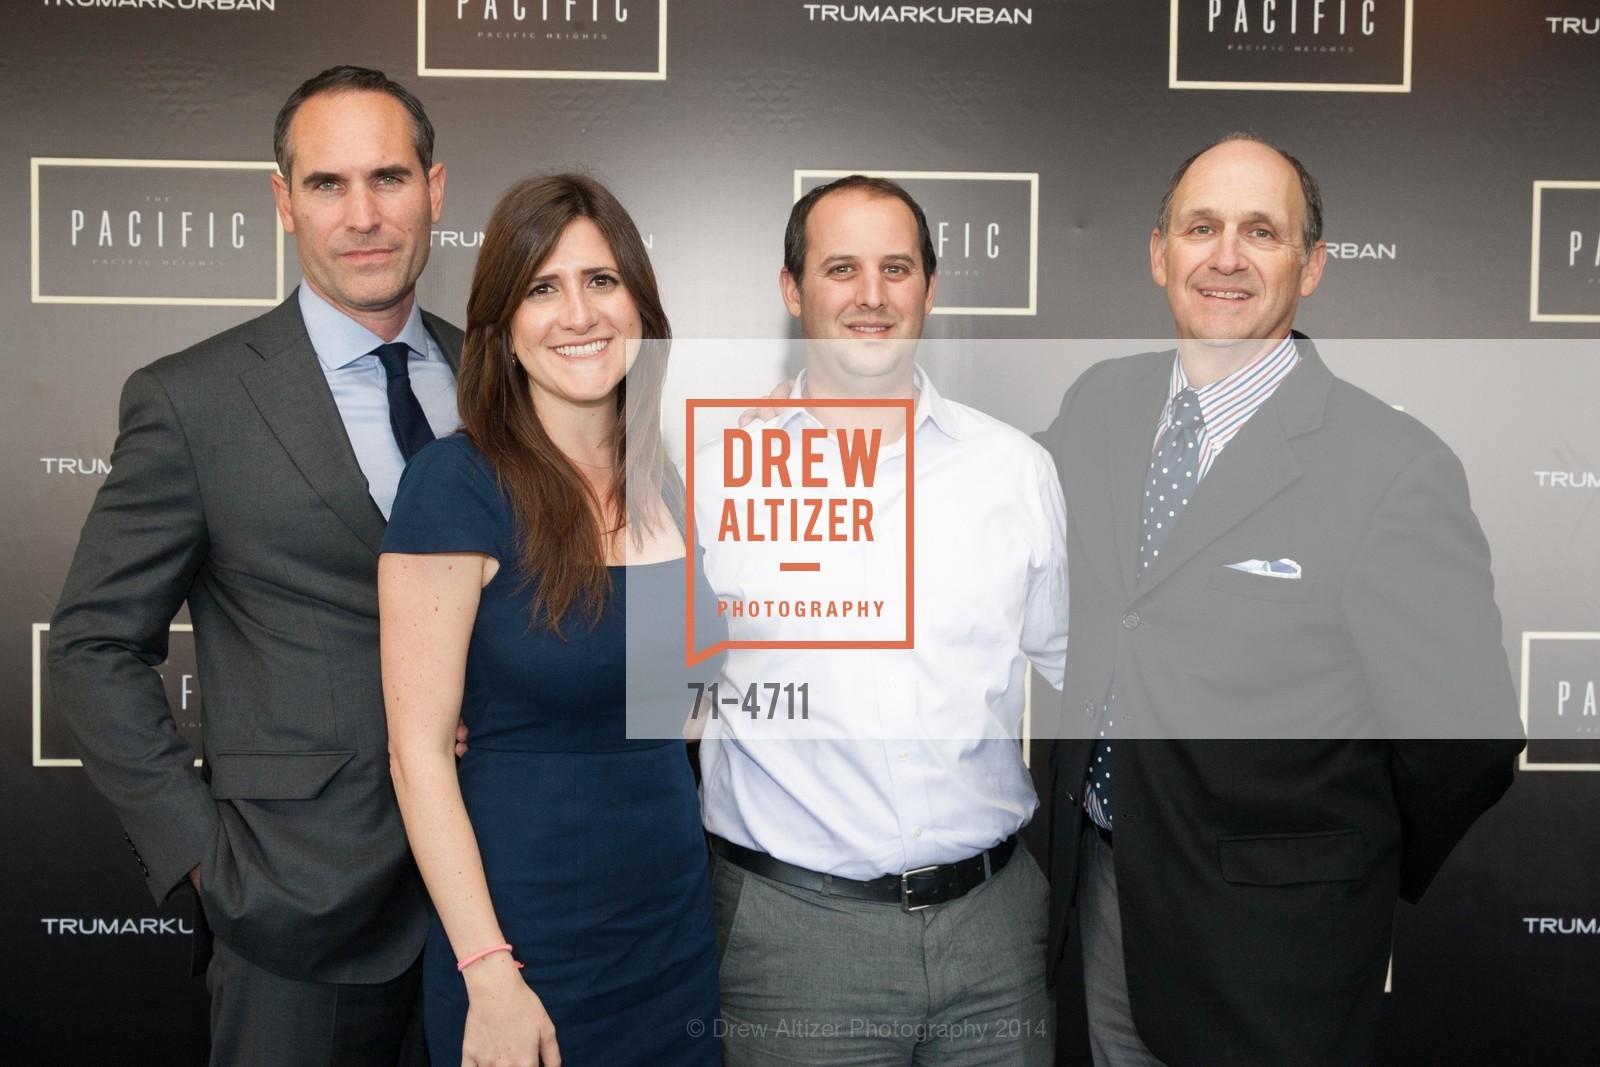 Lorin Horosz, Dana van Galder, Paul Zeger, Photo #71-4711